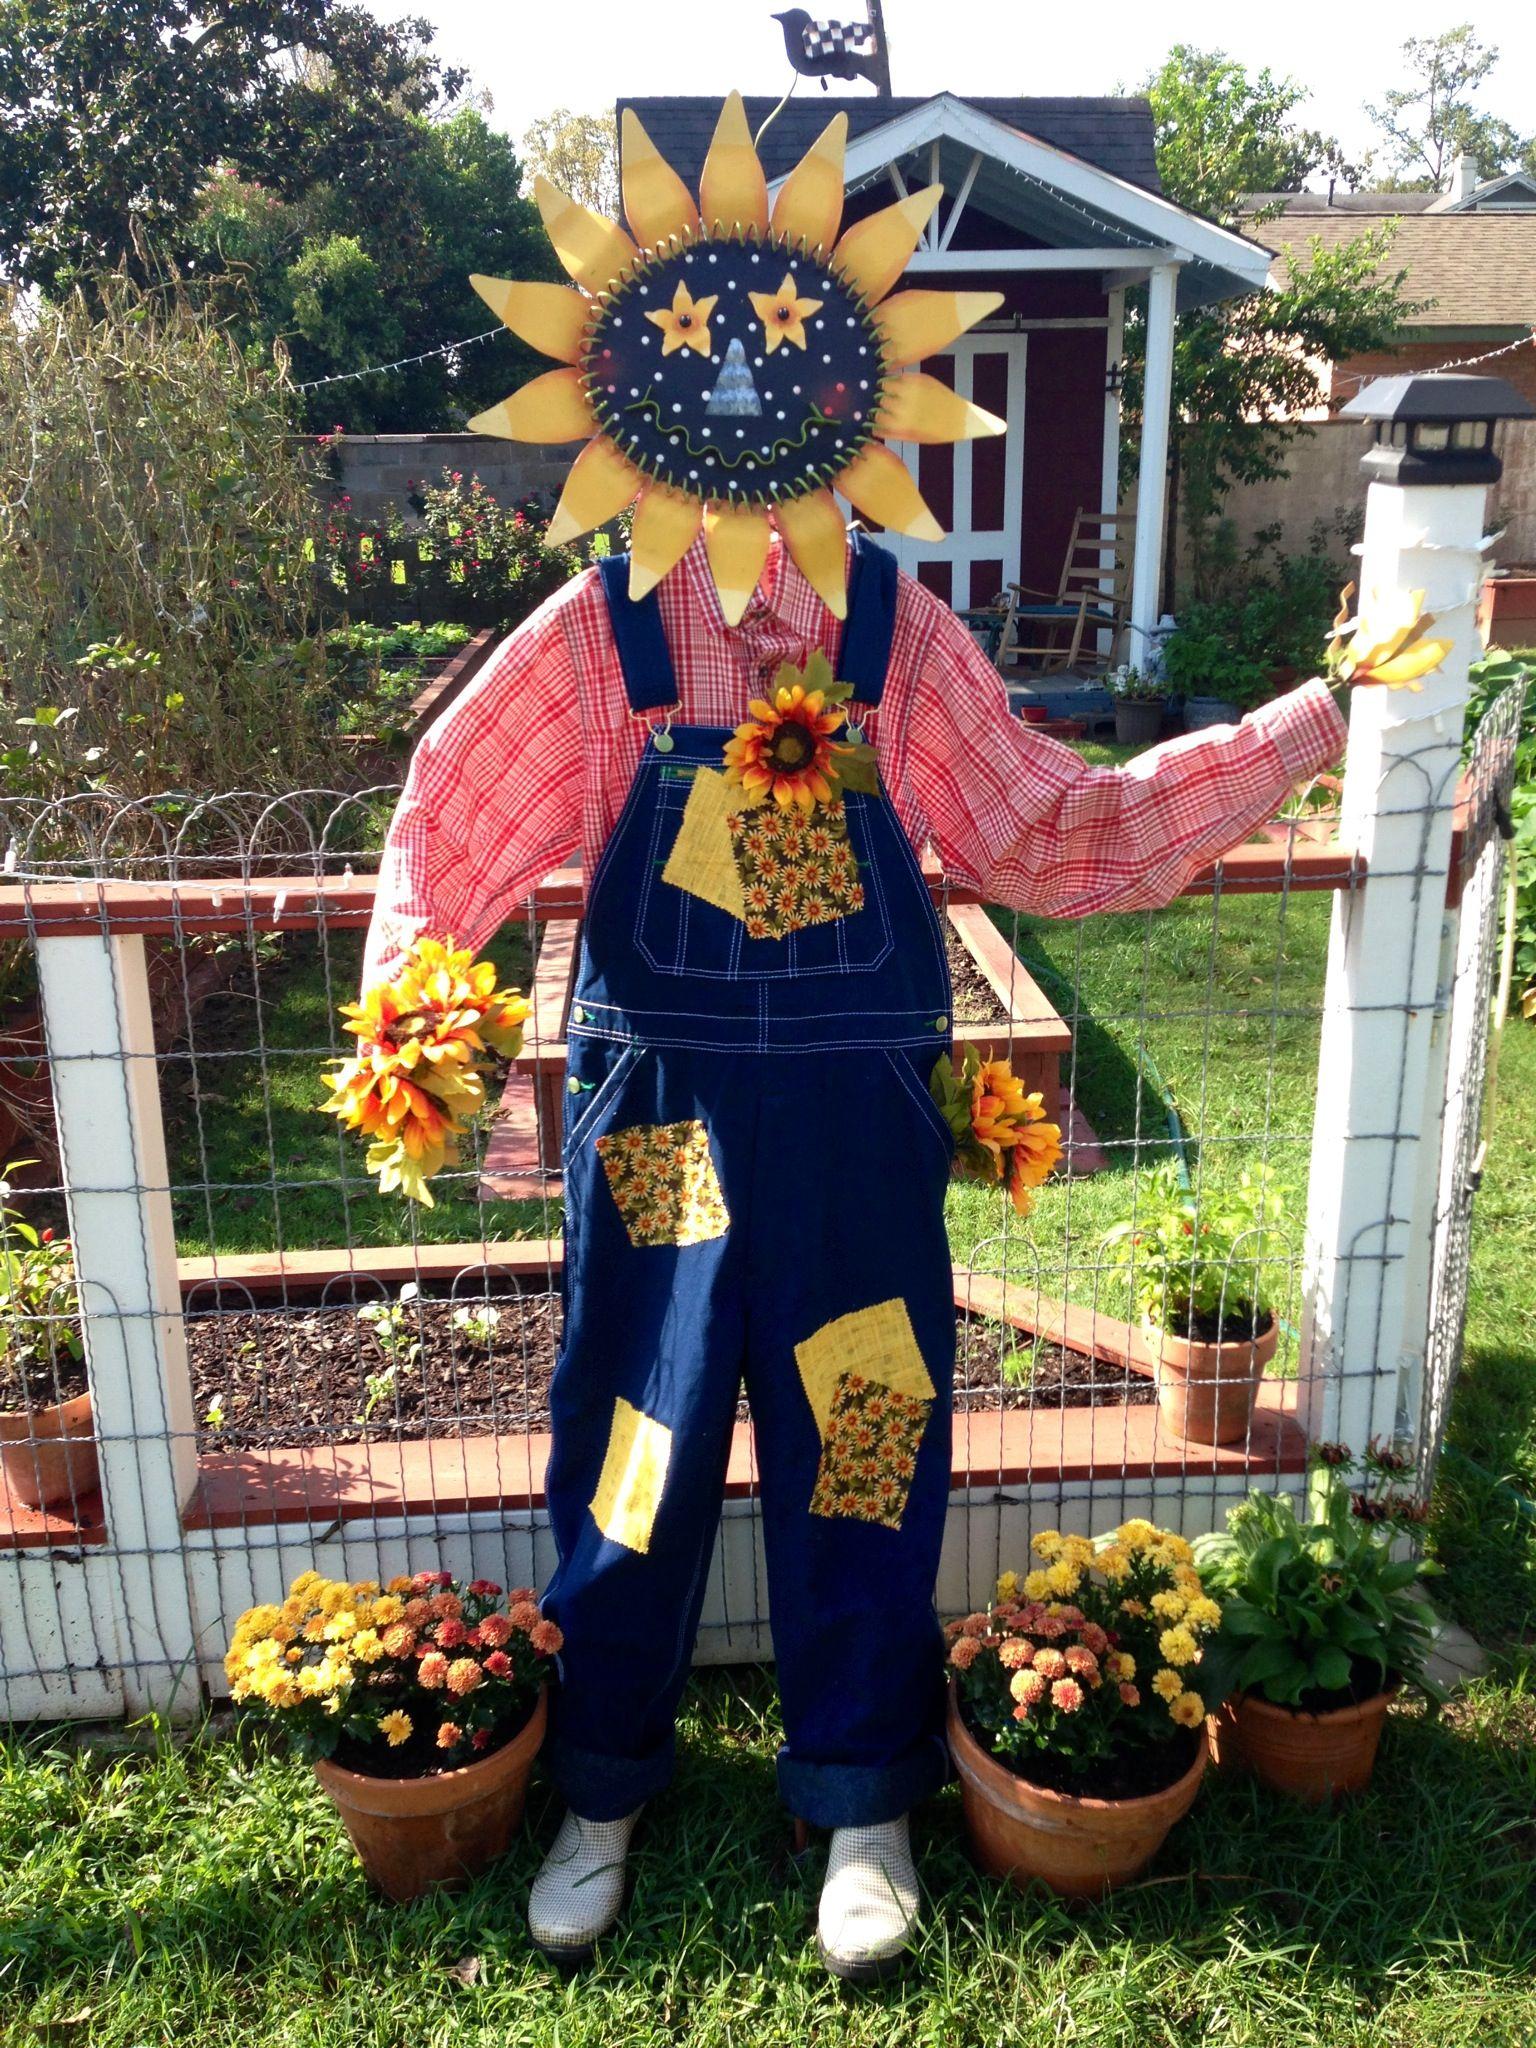 My Garden Scarecrow